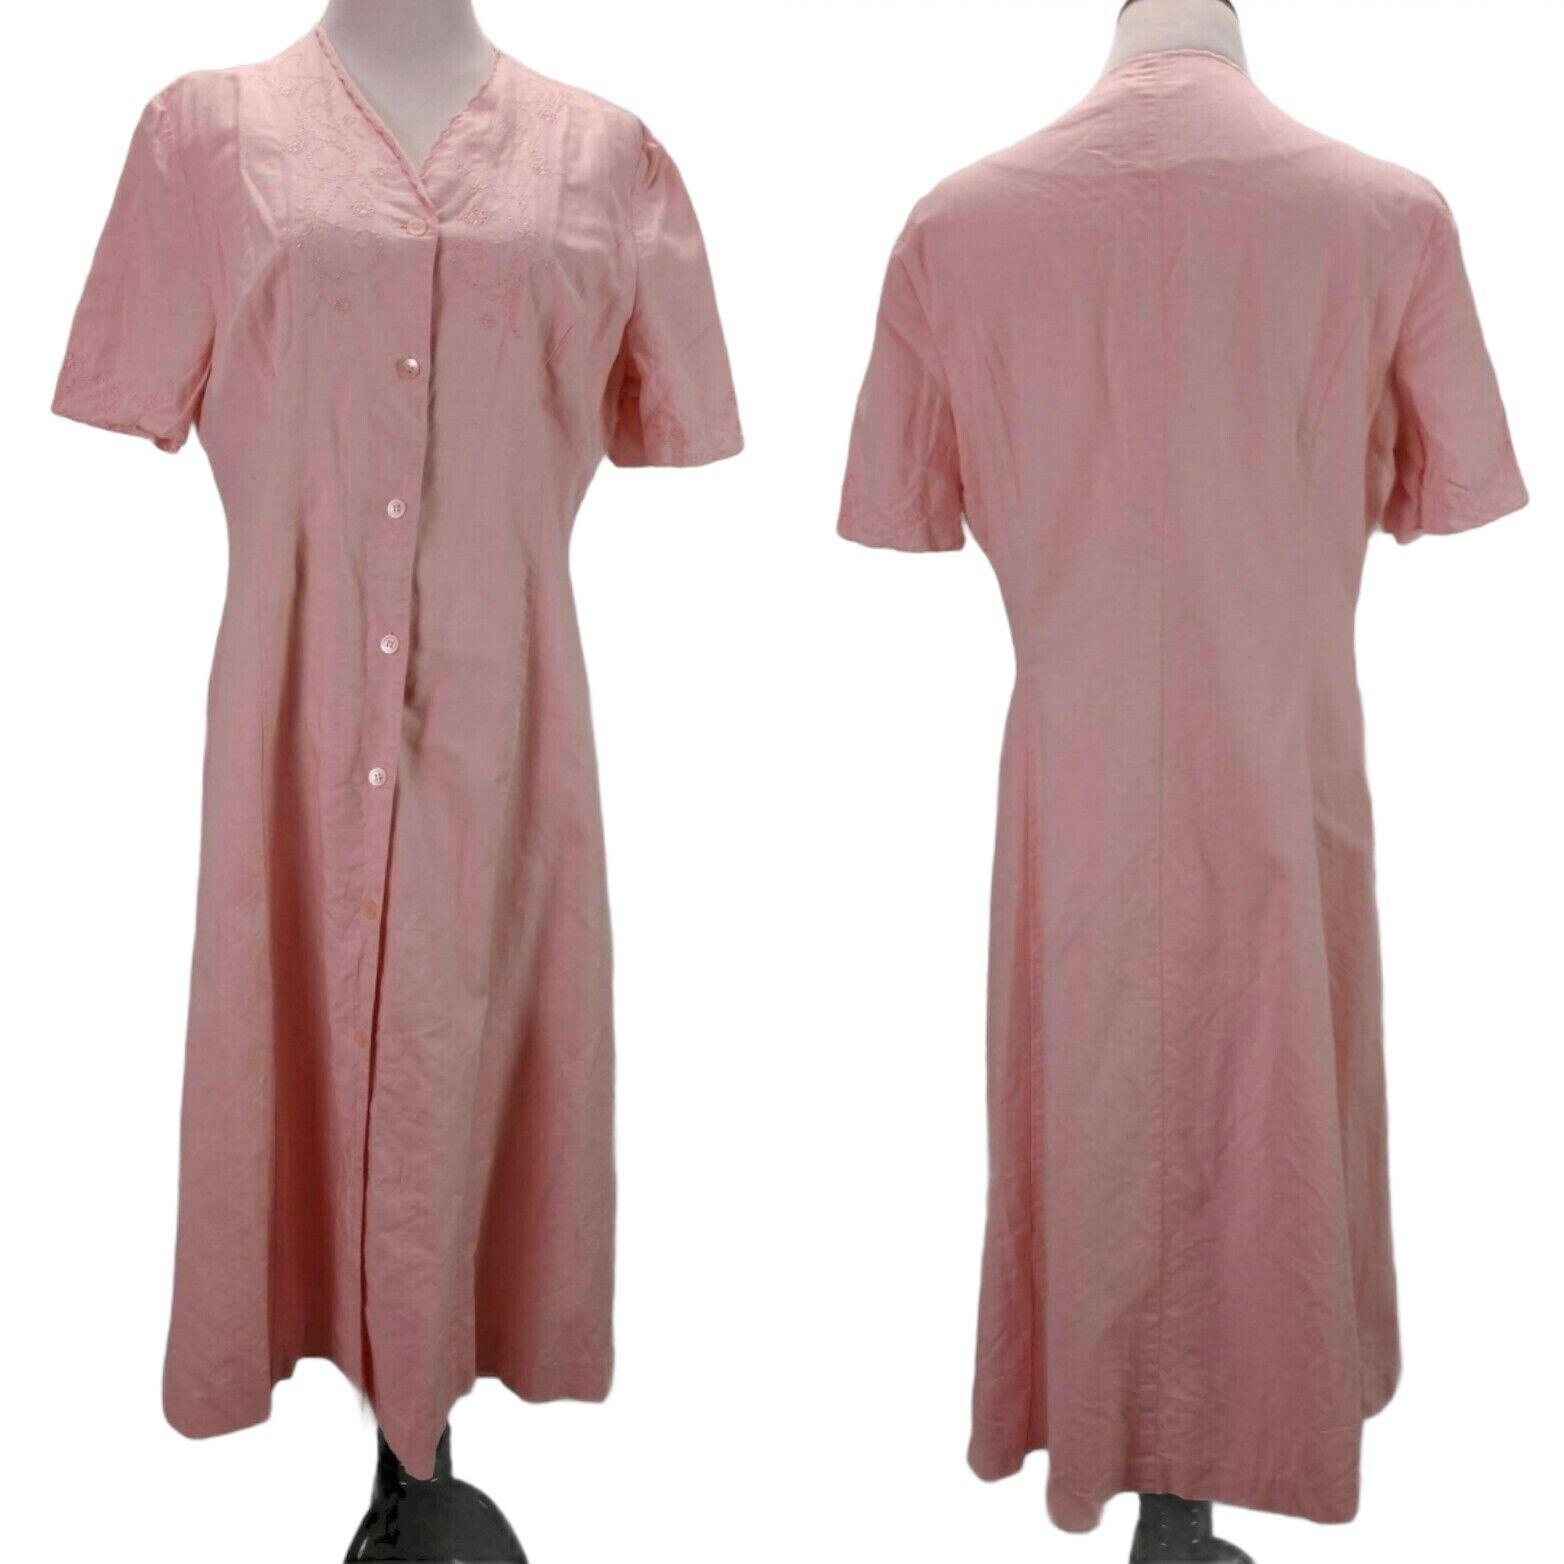 Vintage Laura Ashley Linen Eyelet Dress Size 14 P… - image 1